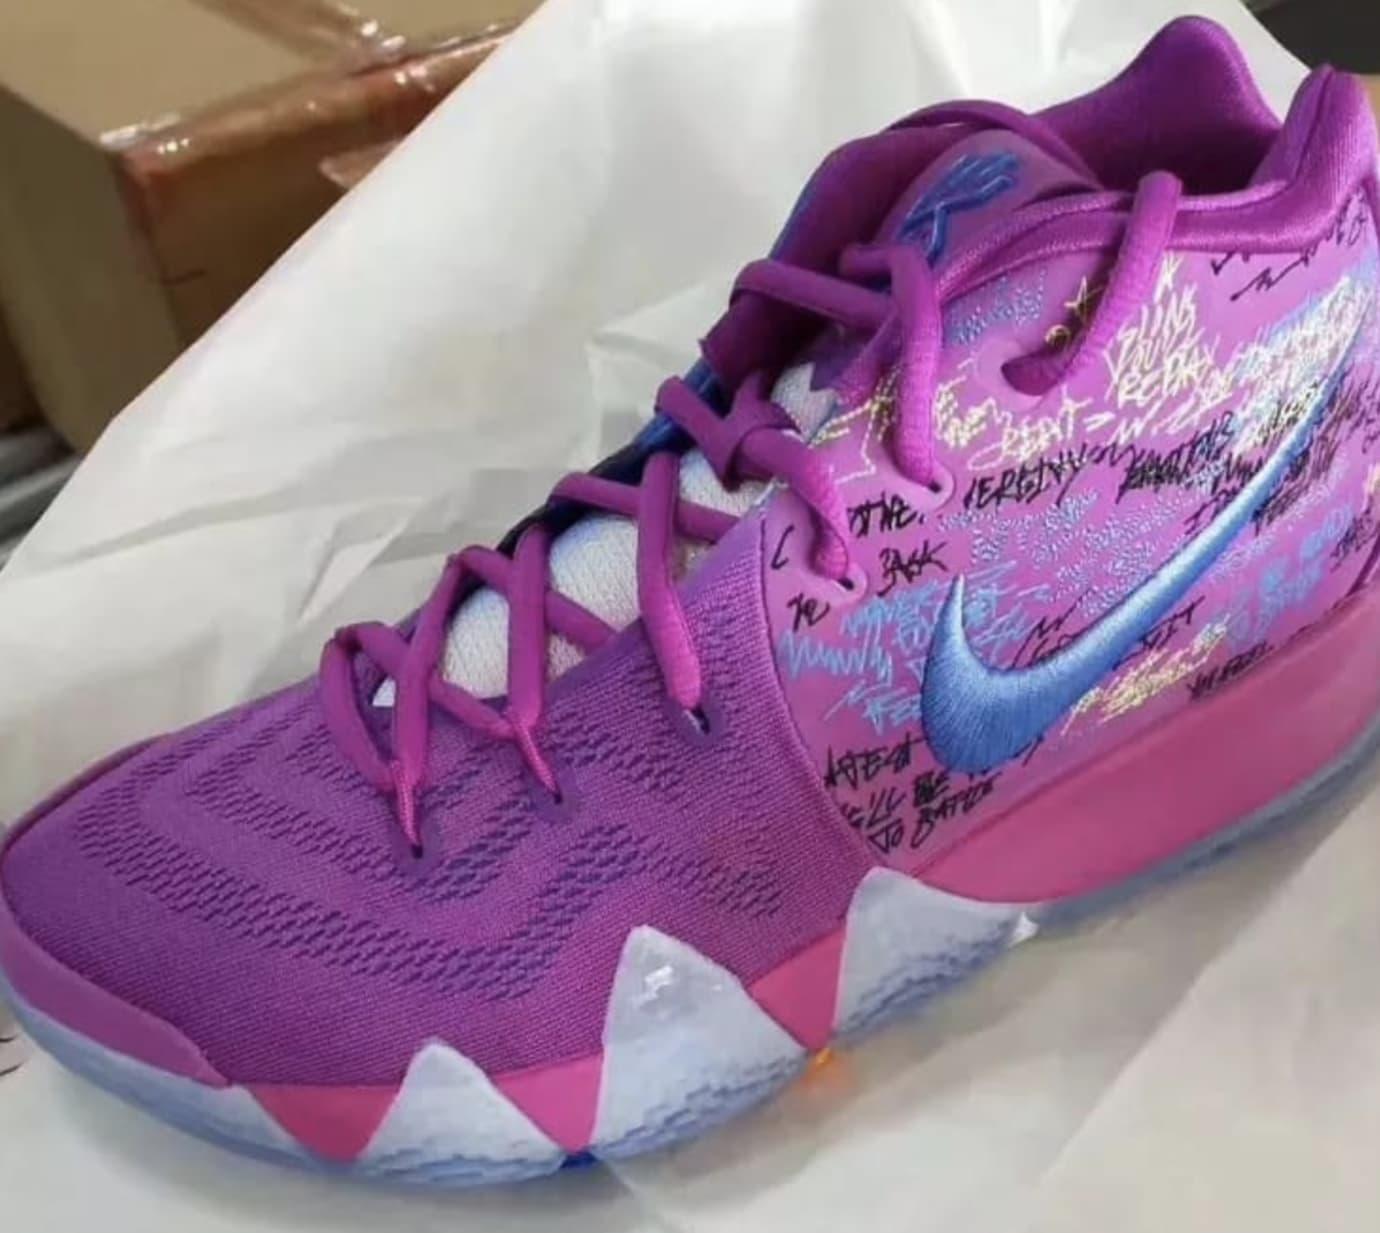 new product 97409 398fa Nike Kyrie 4 EP Multi-Color AJ1691-900